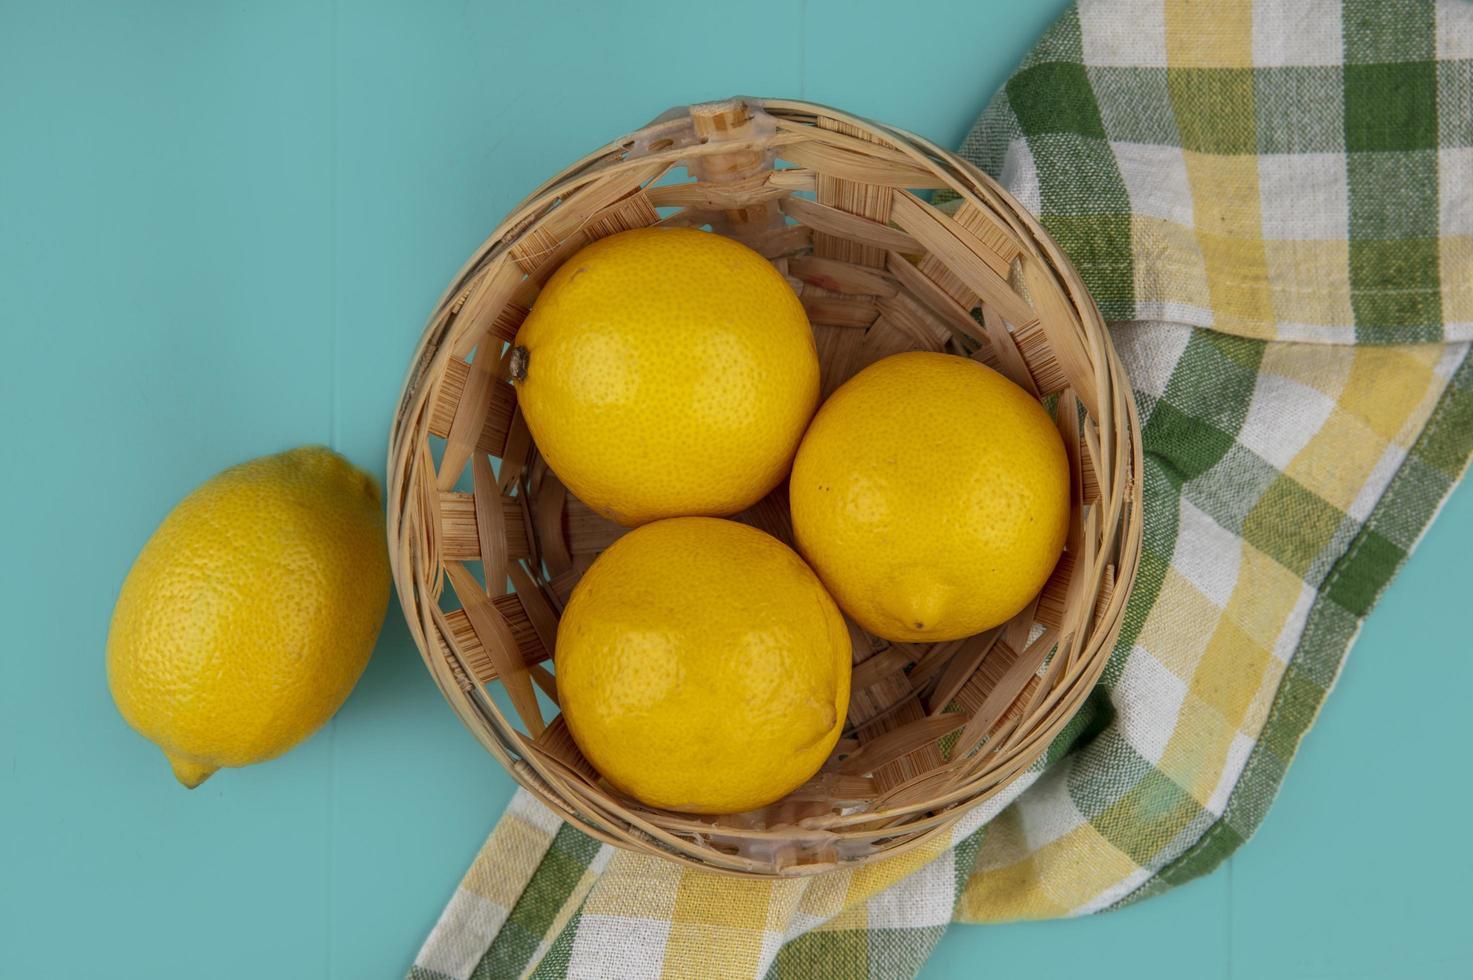 bovenaanzicht van mand met citroenen op geruite doek en blauwe achtergrond foto